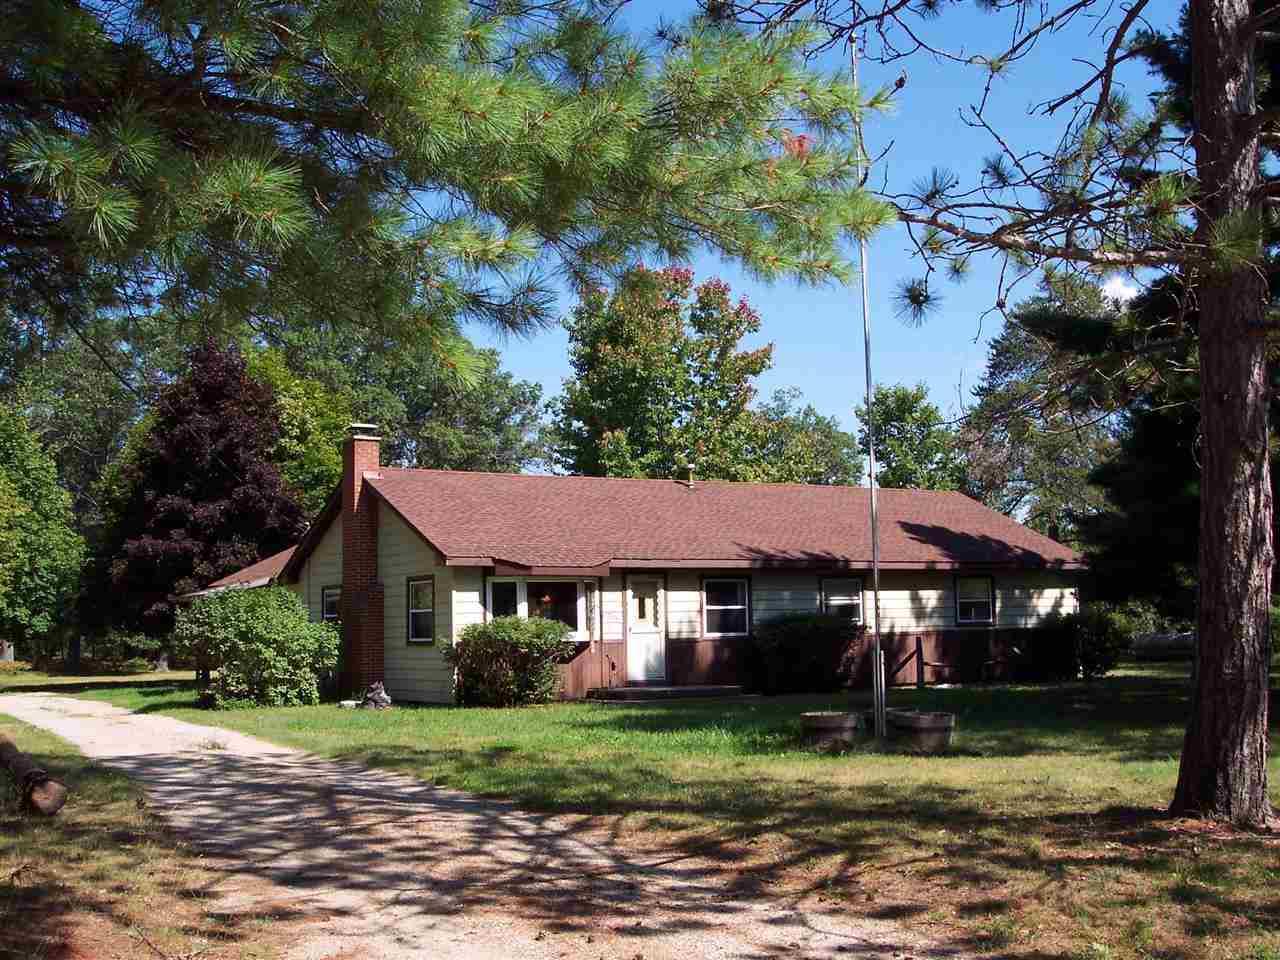 Real Estate for Sale, ListingId: 29891355, West Branch,MI48661